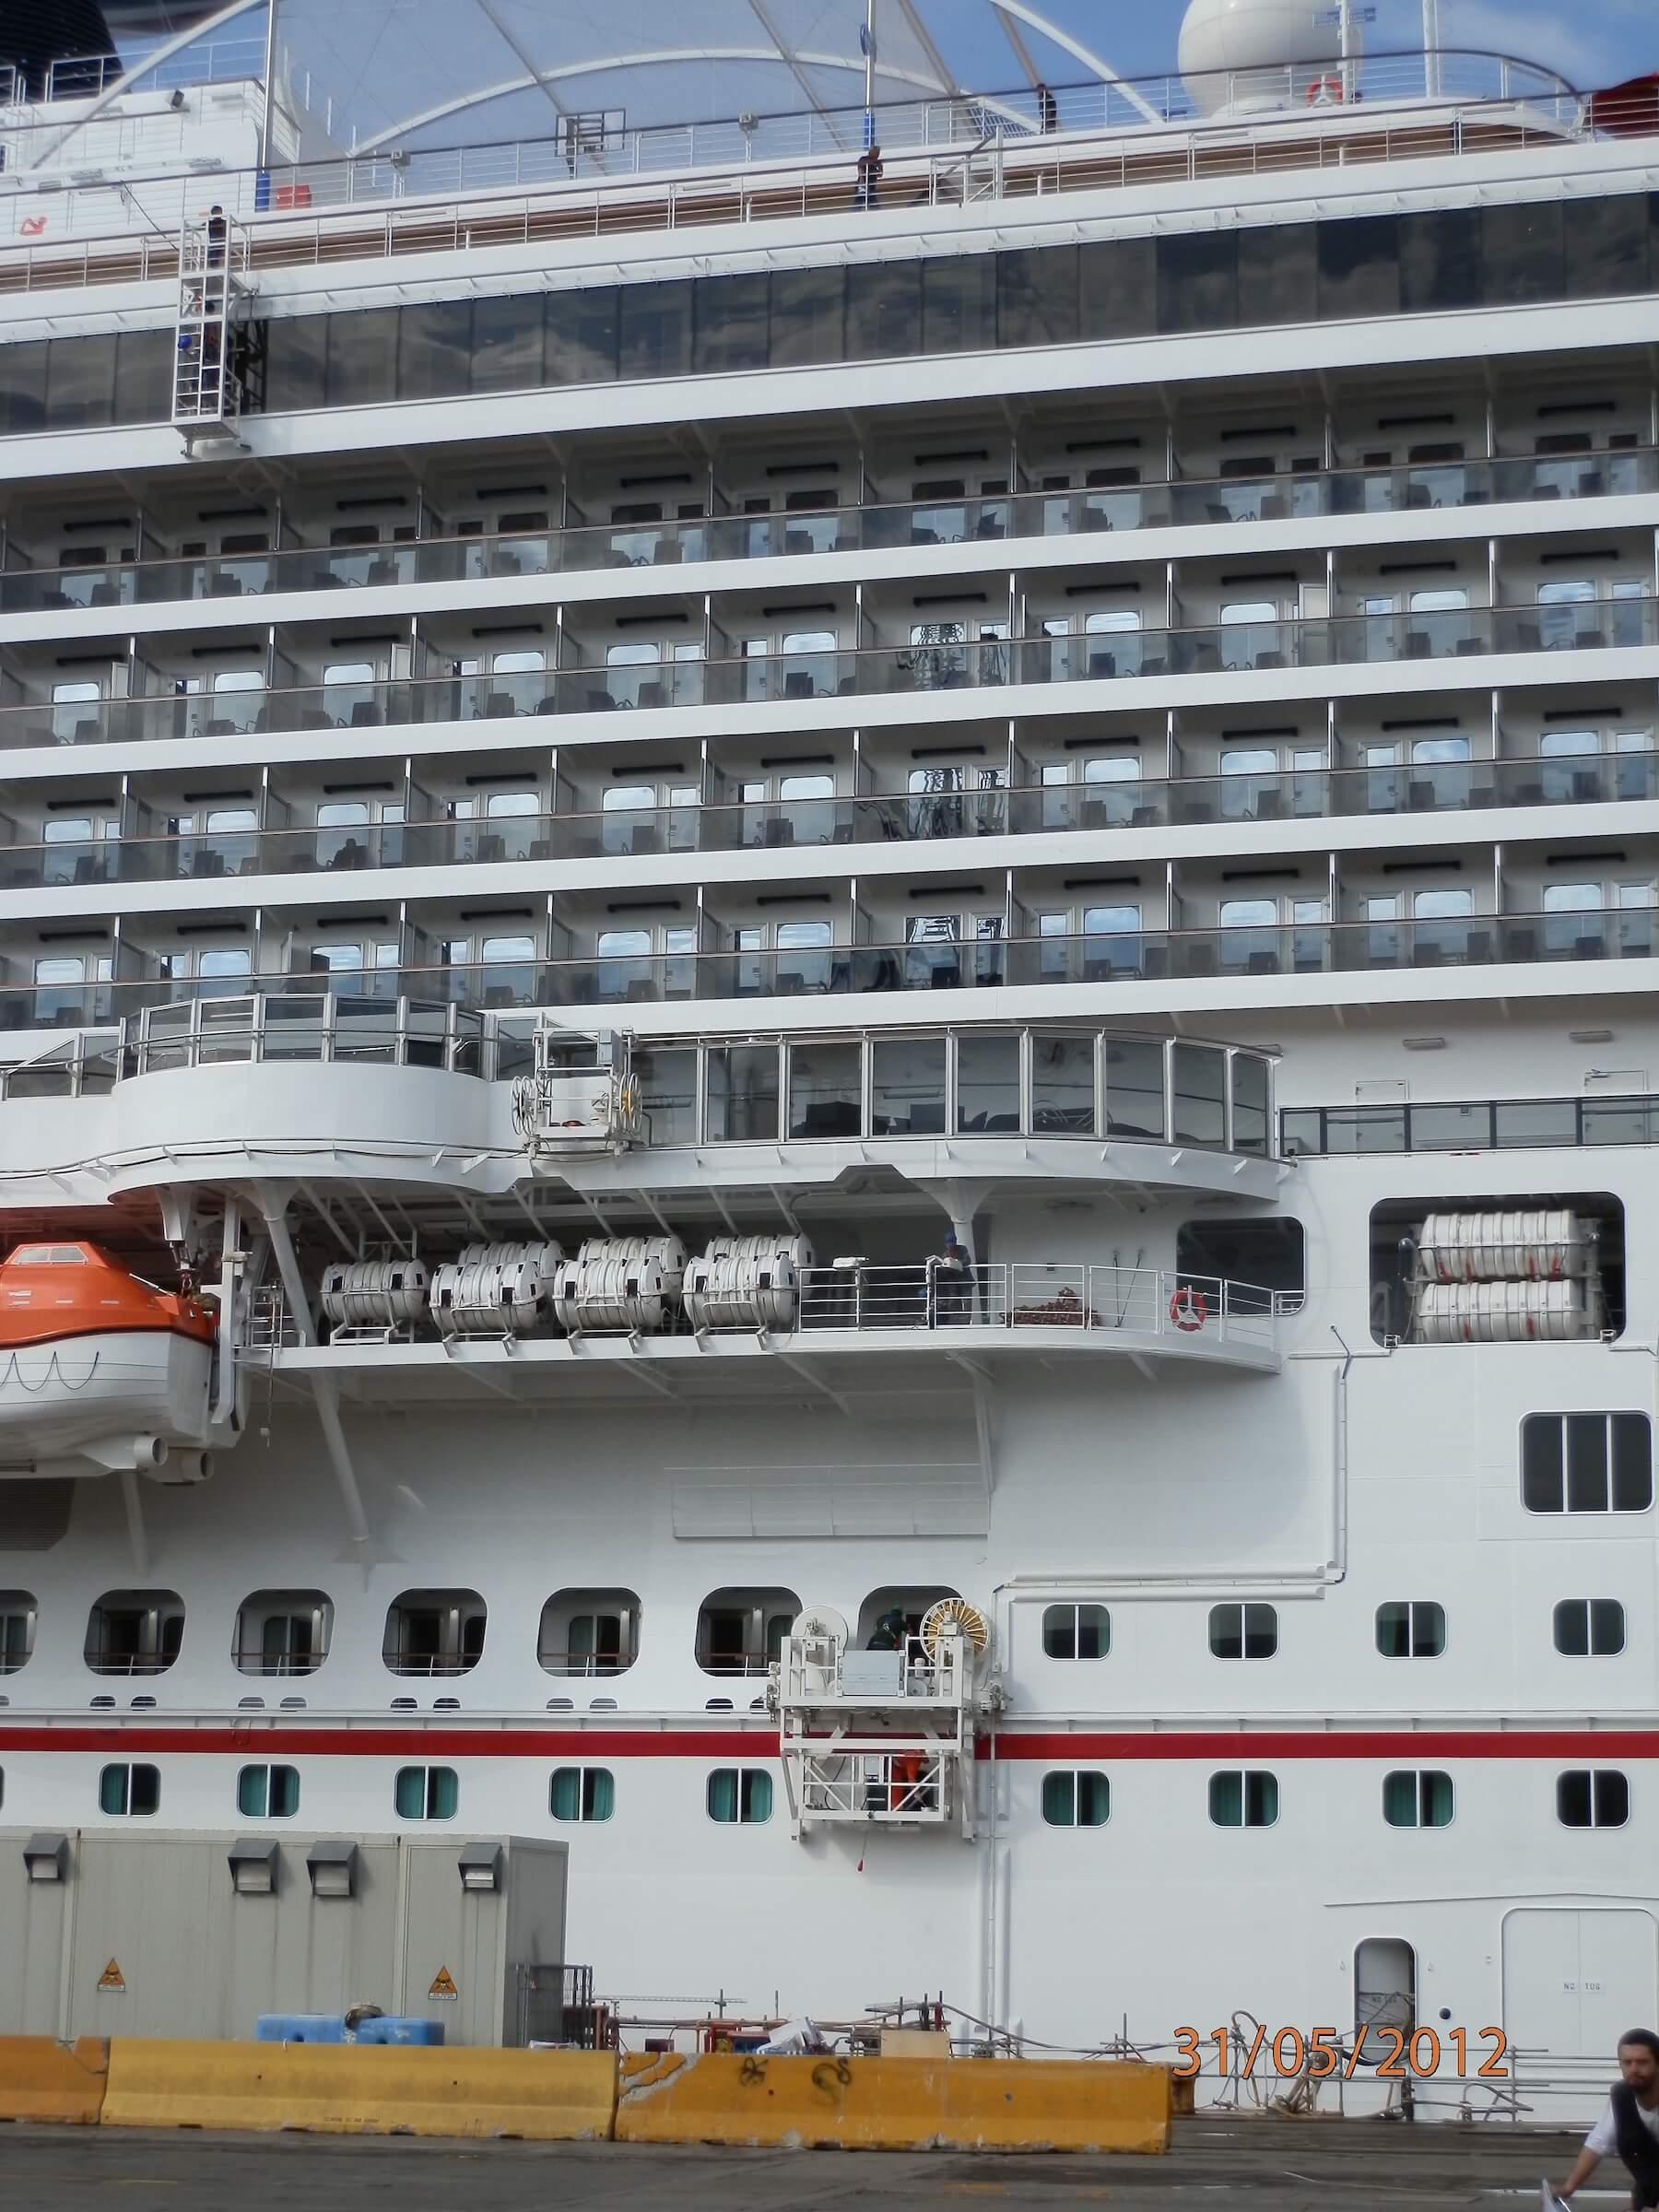 Windows Washing Machines for Passengers ship and Ferries - Navim Group